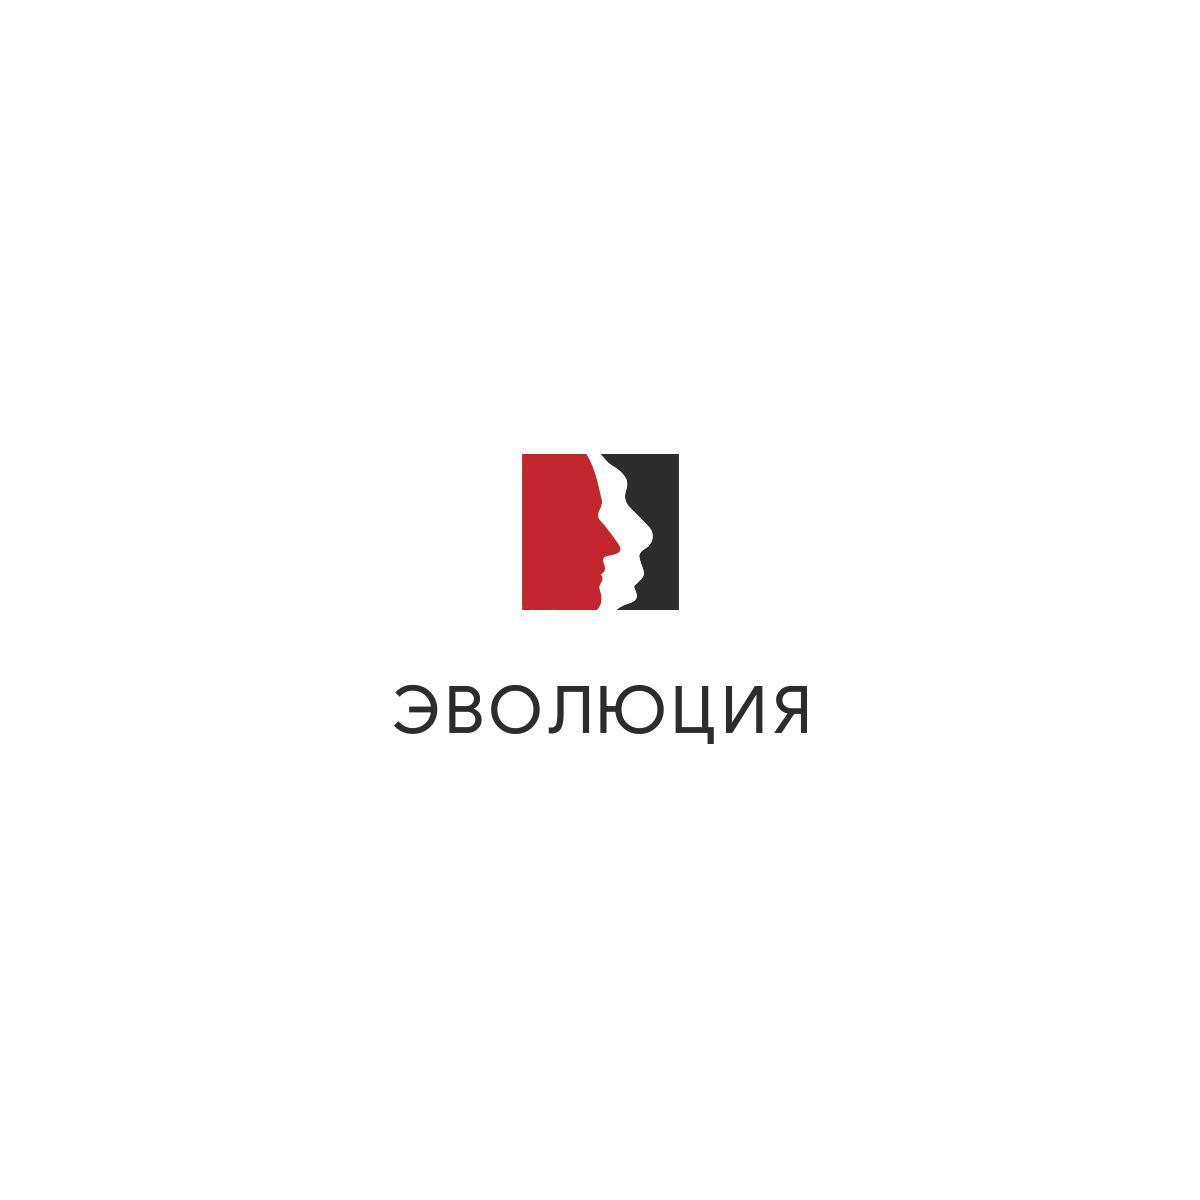 Разработать логотип для Онлайн-школы и сообщества фото f_1925bc9a9241741d.jpg